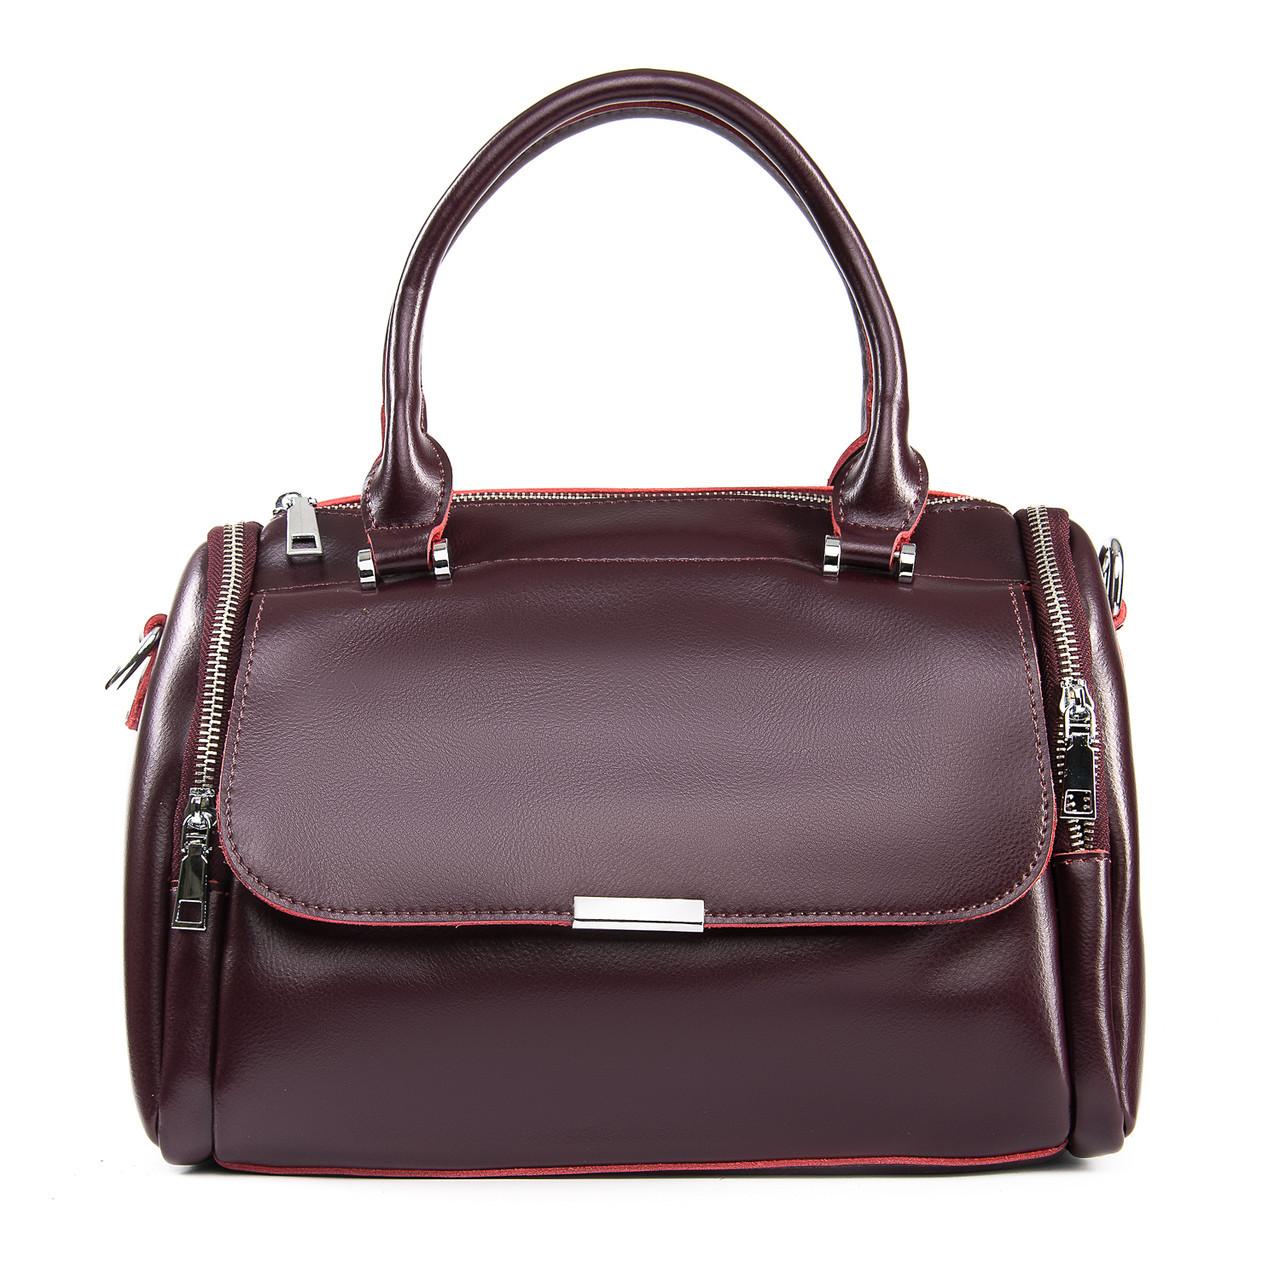 Сумка Женская Классическая кожа ALEX RAI 09-2 2231 burgundy